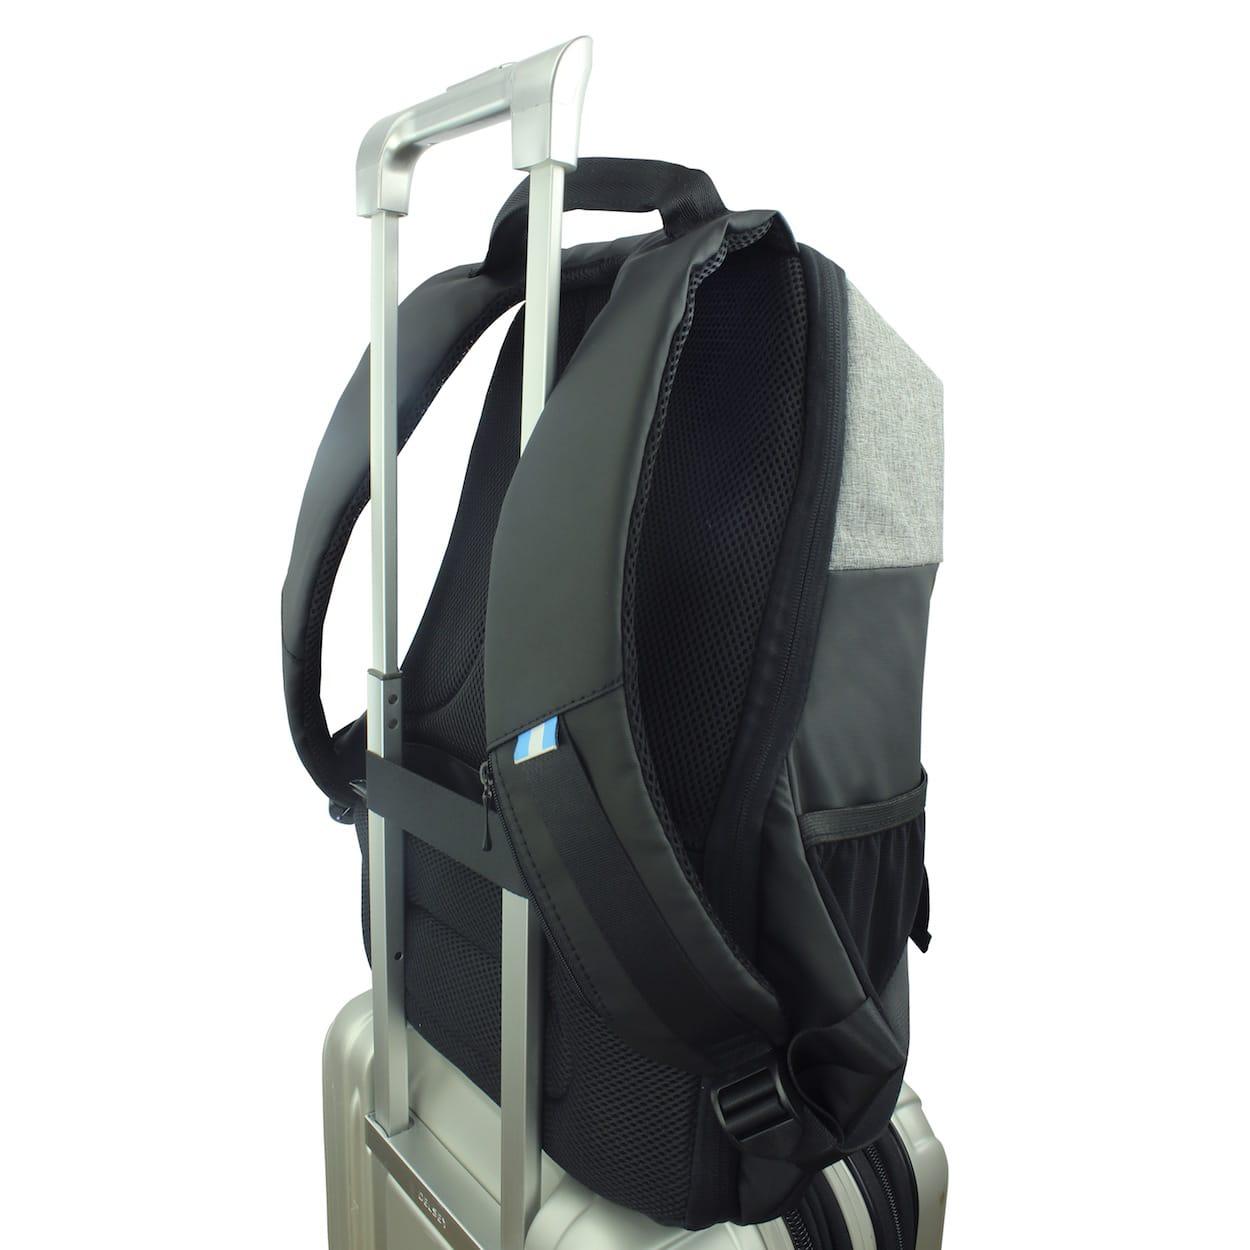 Comodidad para viajar - Cuenta con un strap en la parte posterior para acomodar tu Molvu Go en la maleta de rodos y evitar llevarla en los hombros